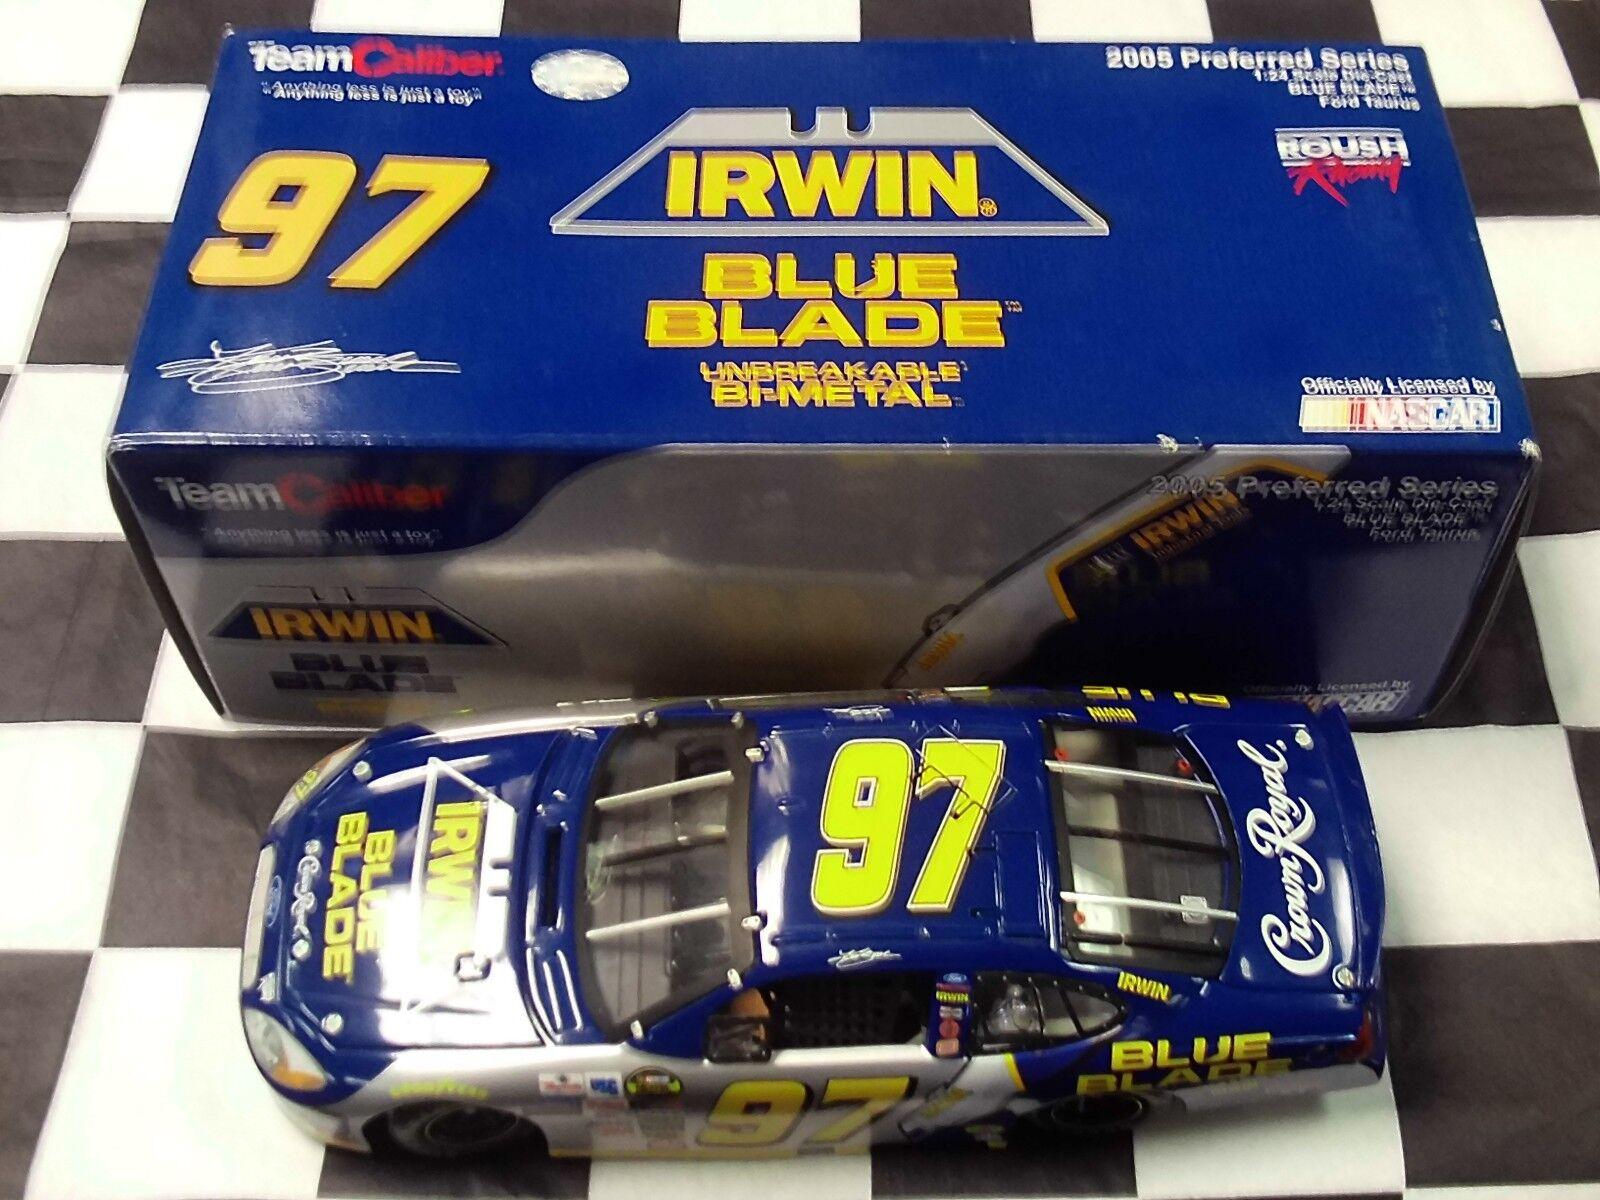 Kurt  Busch  97 Irwin bleu Blade 2005 Team Caliber Preferrouge Series 1 24 NIB  marques de créateurs bon marché